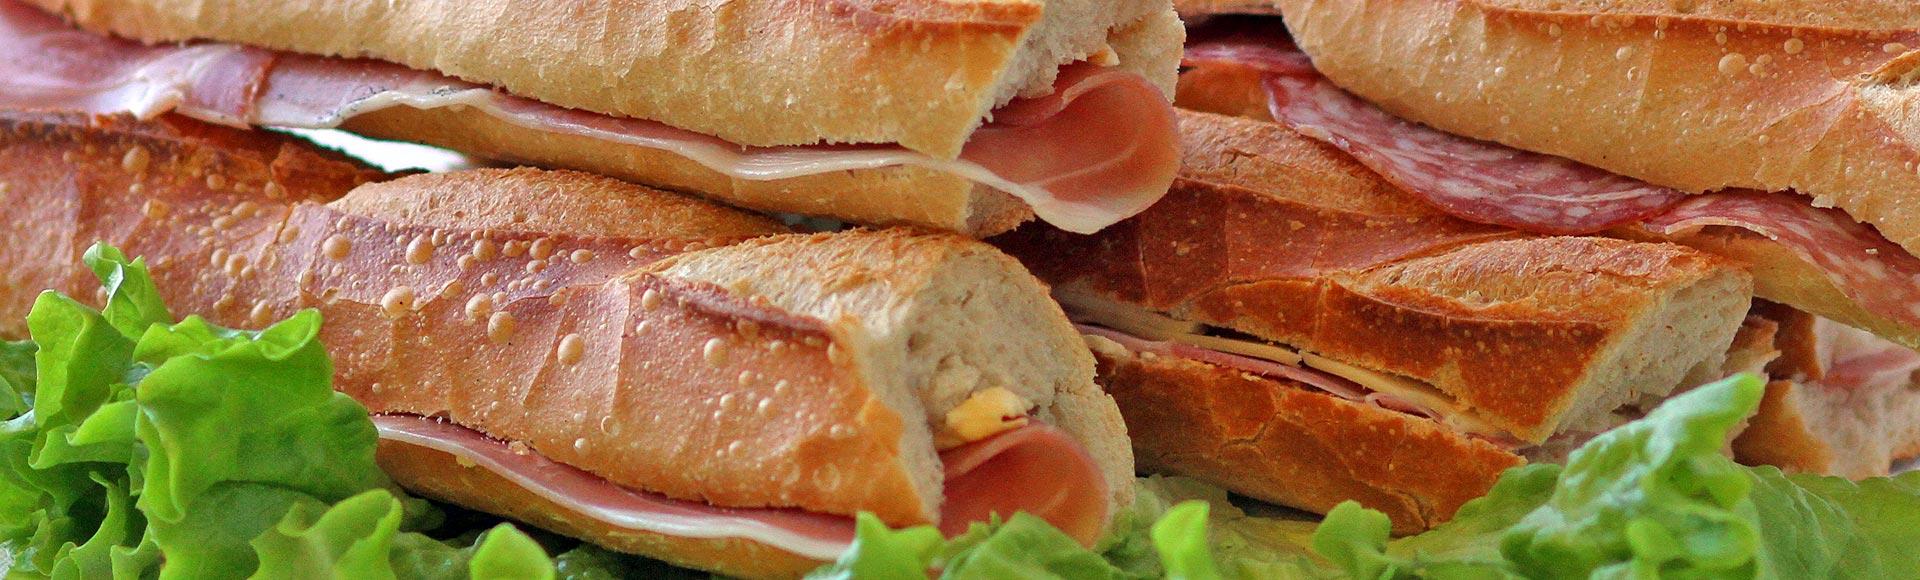 Pause déjeuner, sandwicherie, tartes salées